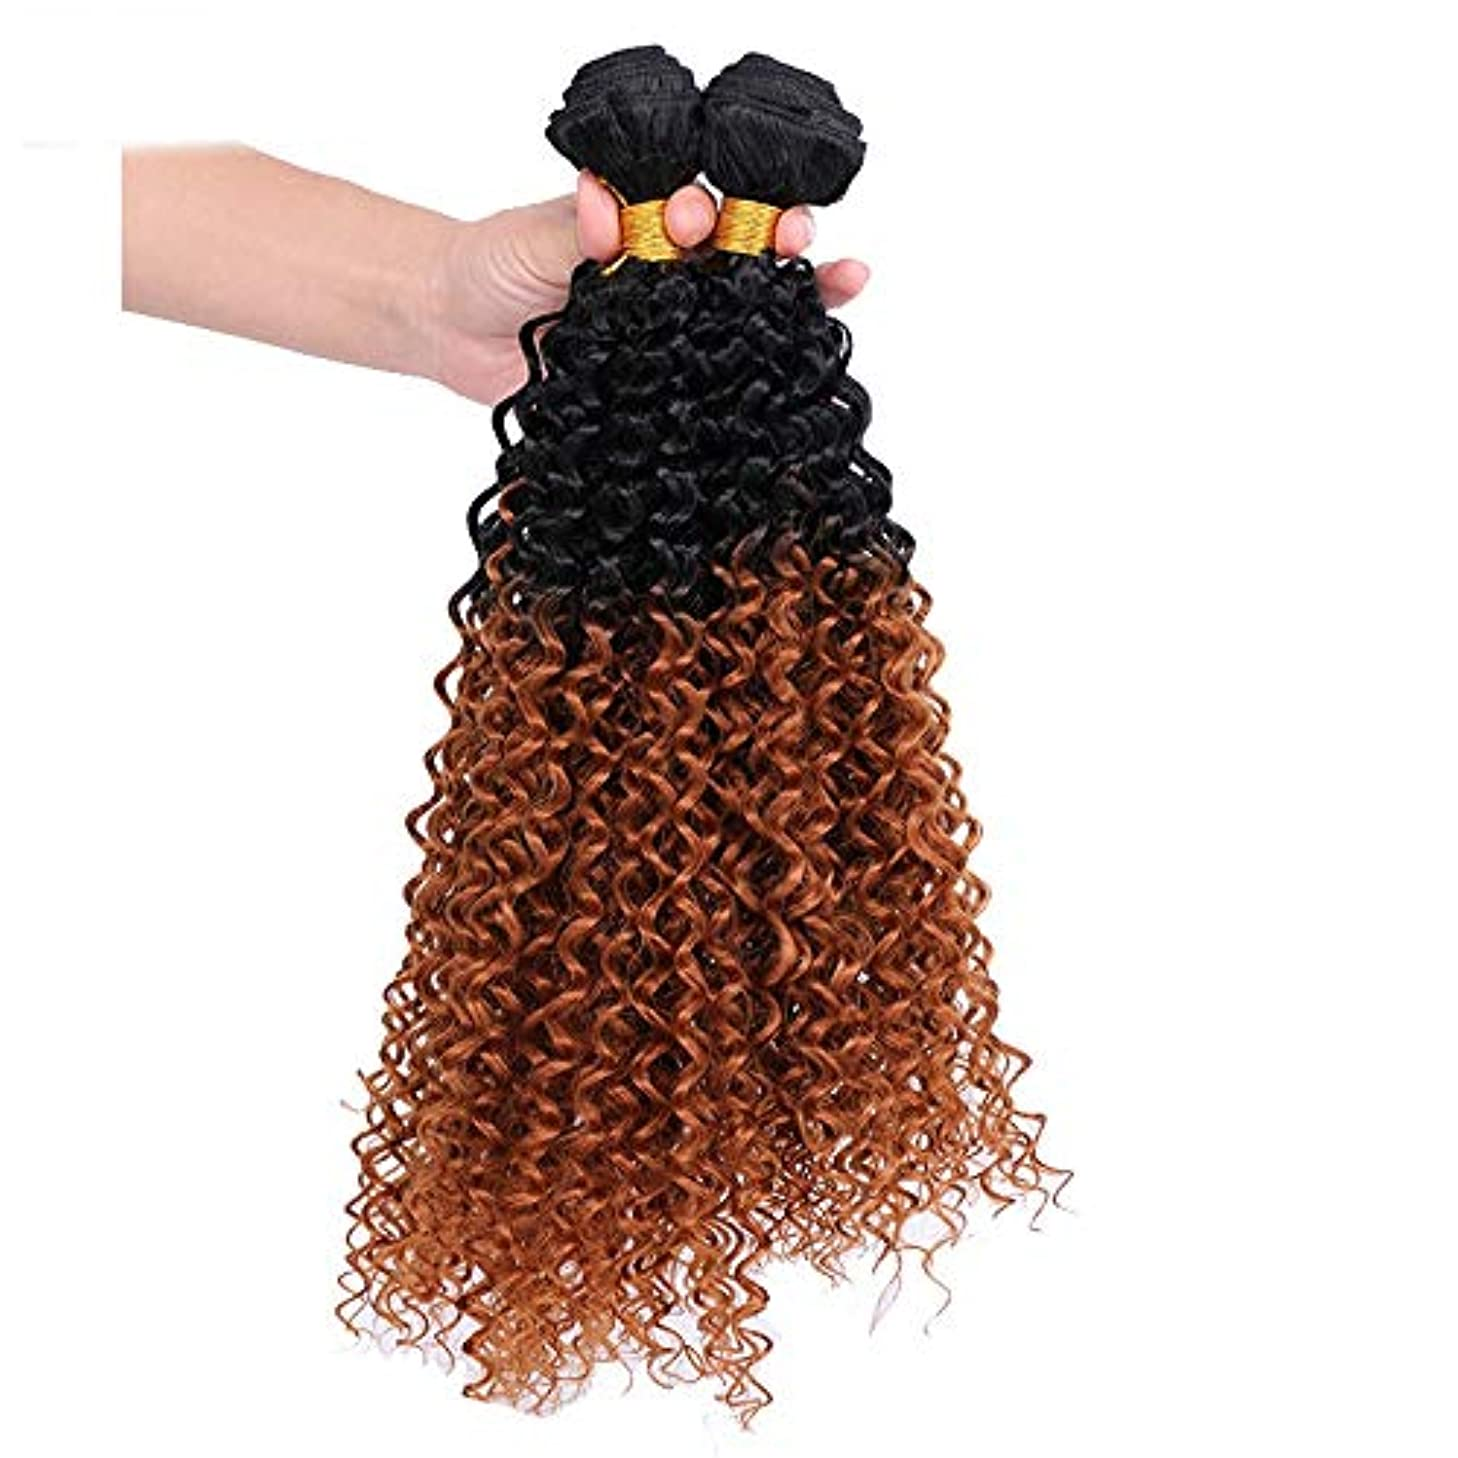 旧正月脊椎異邦人YESONEEP 茶色のグラデーション巻き毛の女性のためのコスプレパーティードレス(3バンドル)合成髪レースかつらロールプレイングかつらロングとショートの女性自然 (色 : ブラウン, サイズ : 22inch)